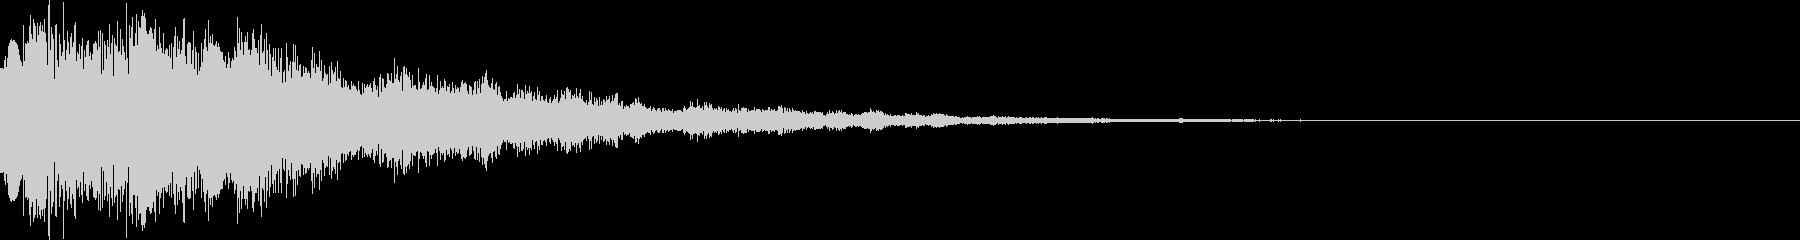 システム音36_Jの未再生の波形